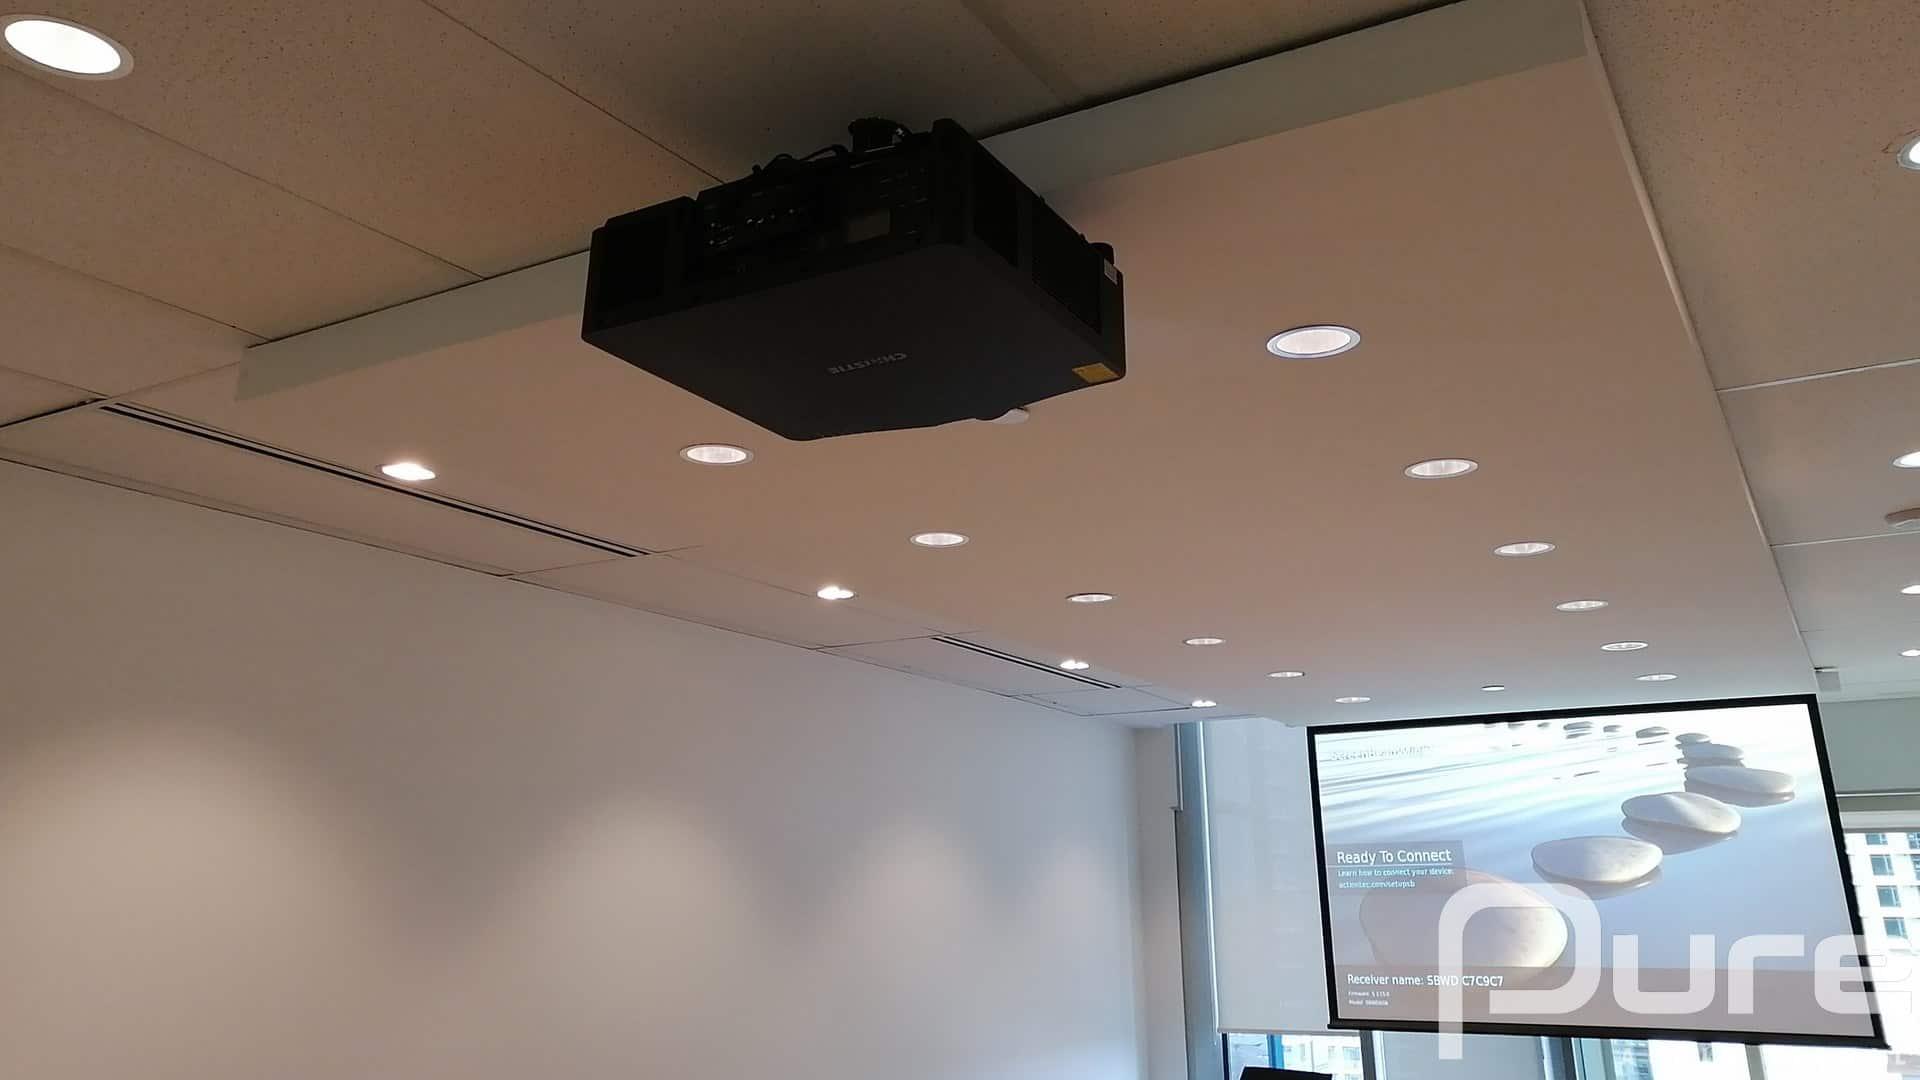 4K Laser Projector install